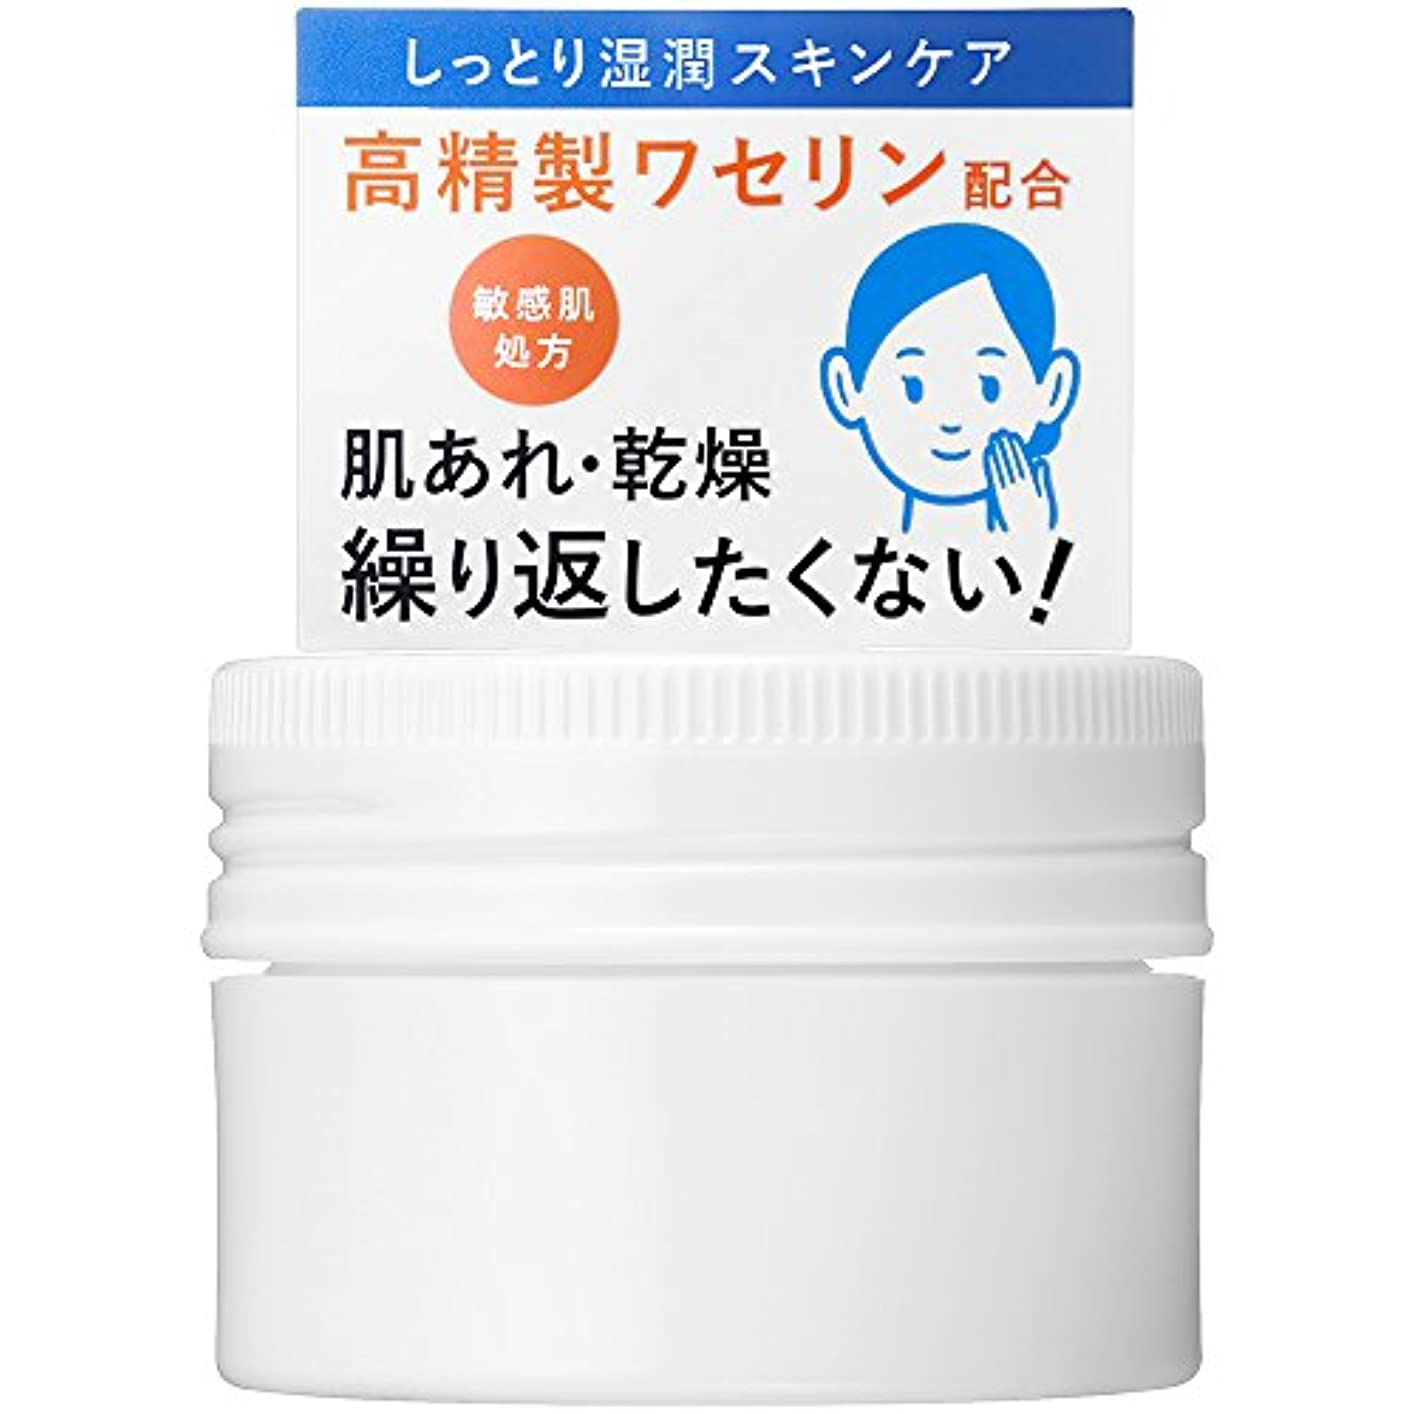 月区フォーク【医薬部外品】イハダ 薬用とろけるべたつかないバーム 高精製ワセリン配合 20g